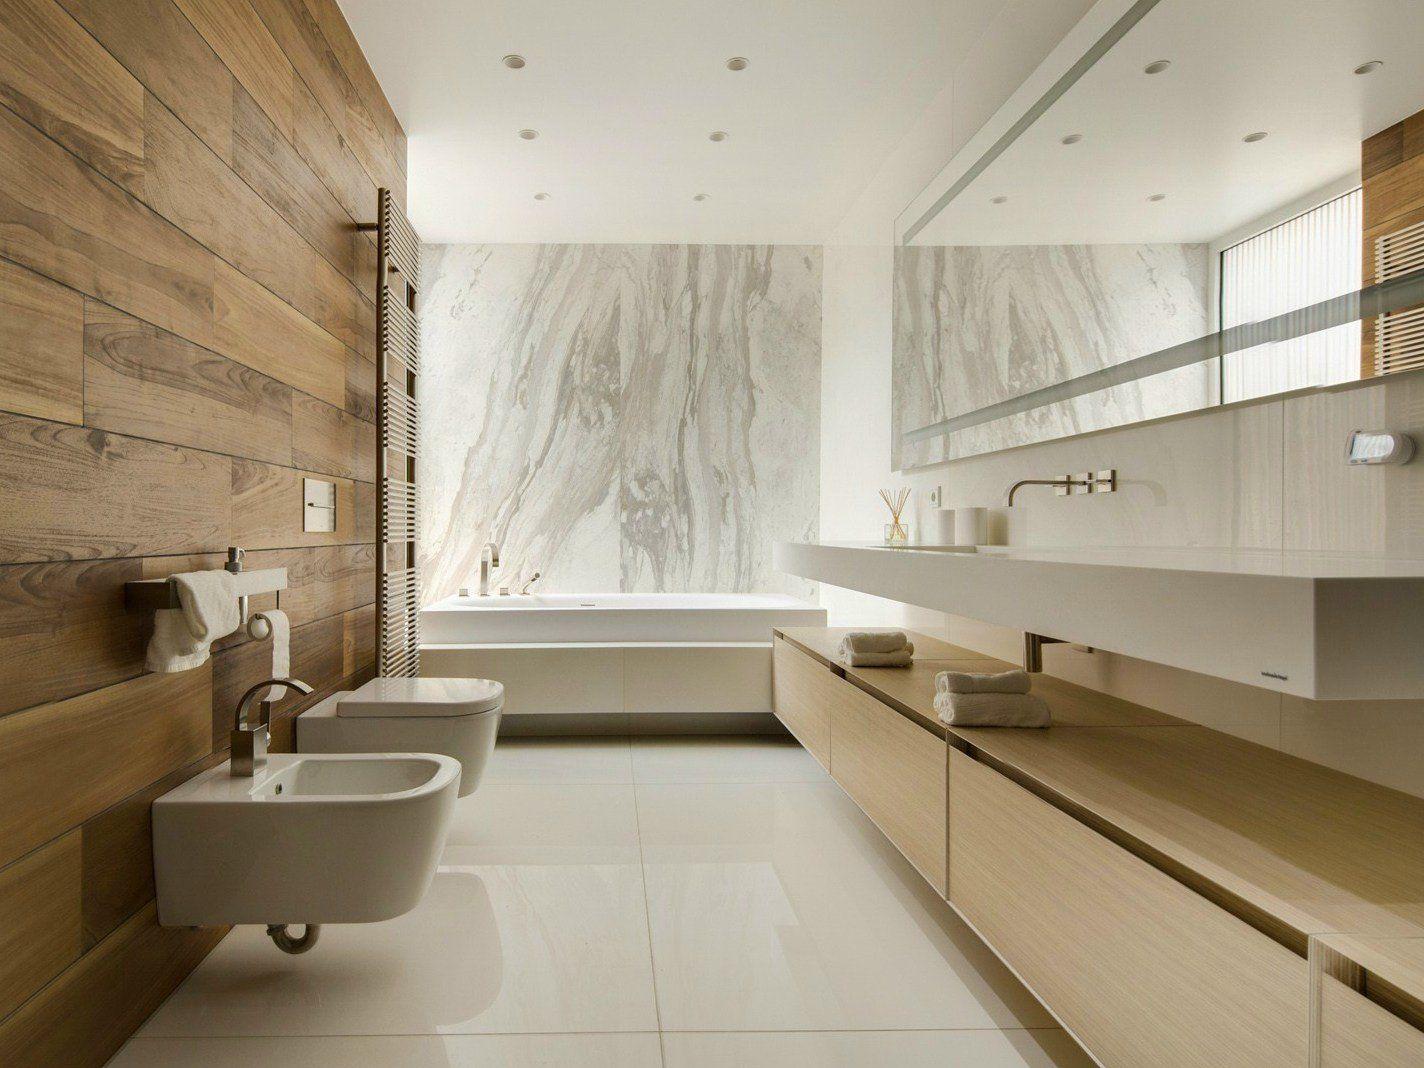 Il bagno un luogo dove volersi bene - Cibi per andare in bagno ...